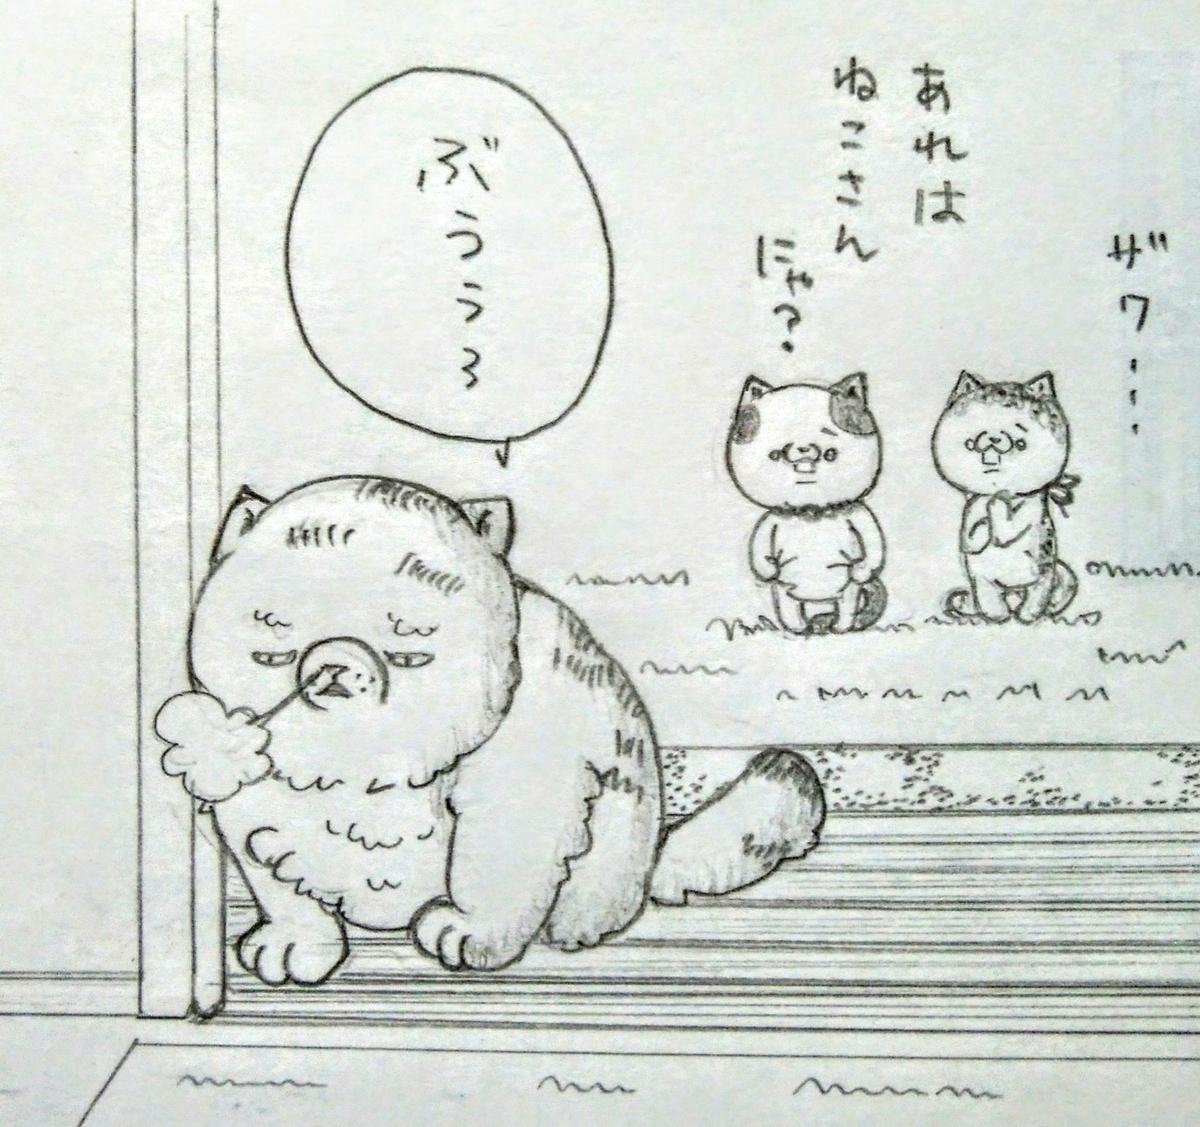 f:id:maricats:20200907231616j:plain